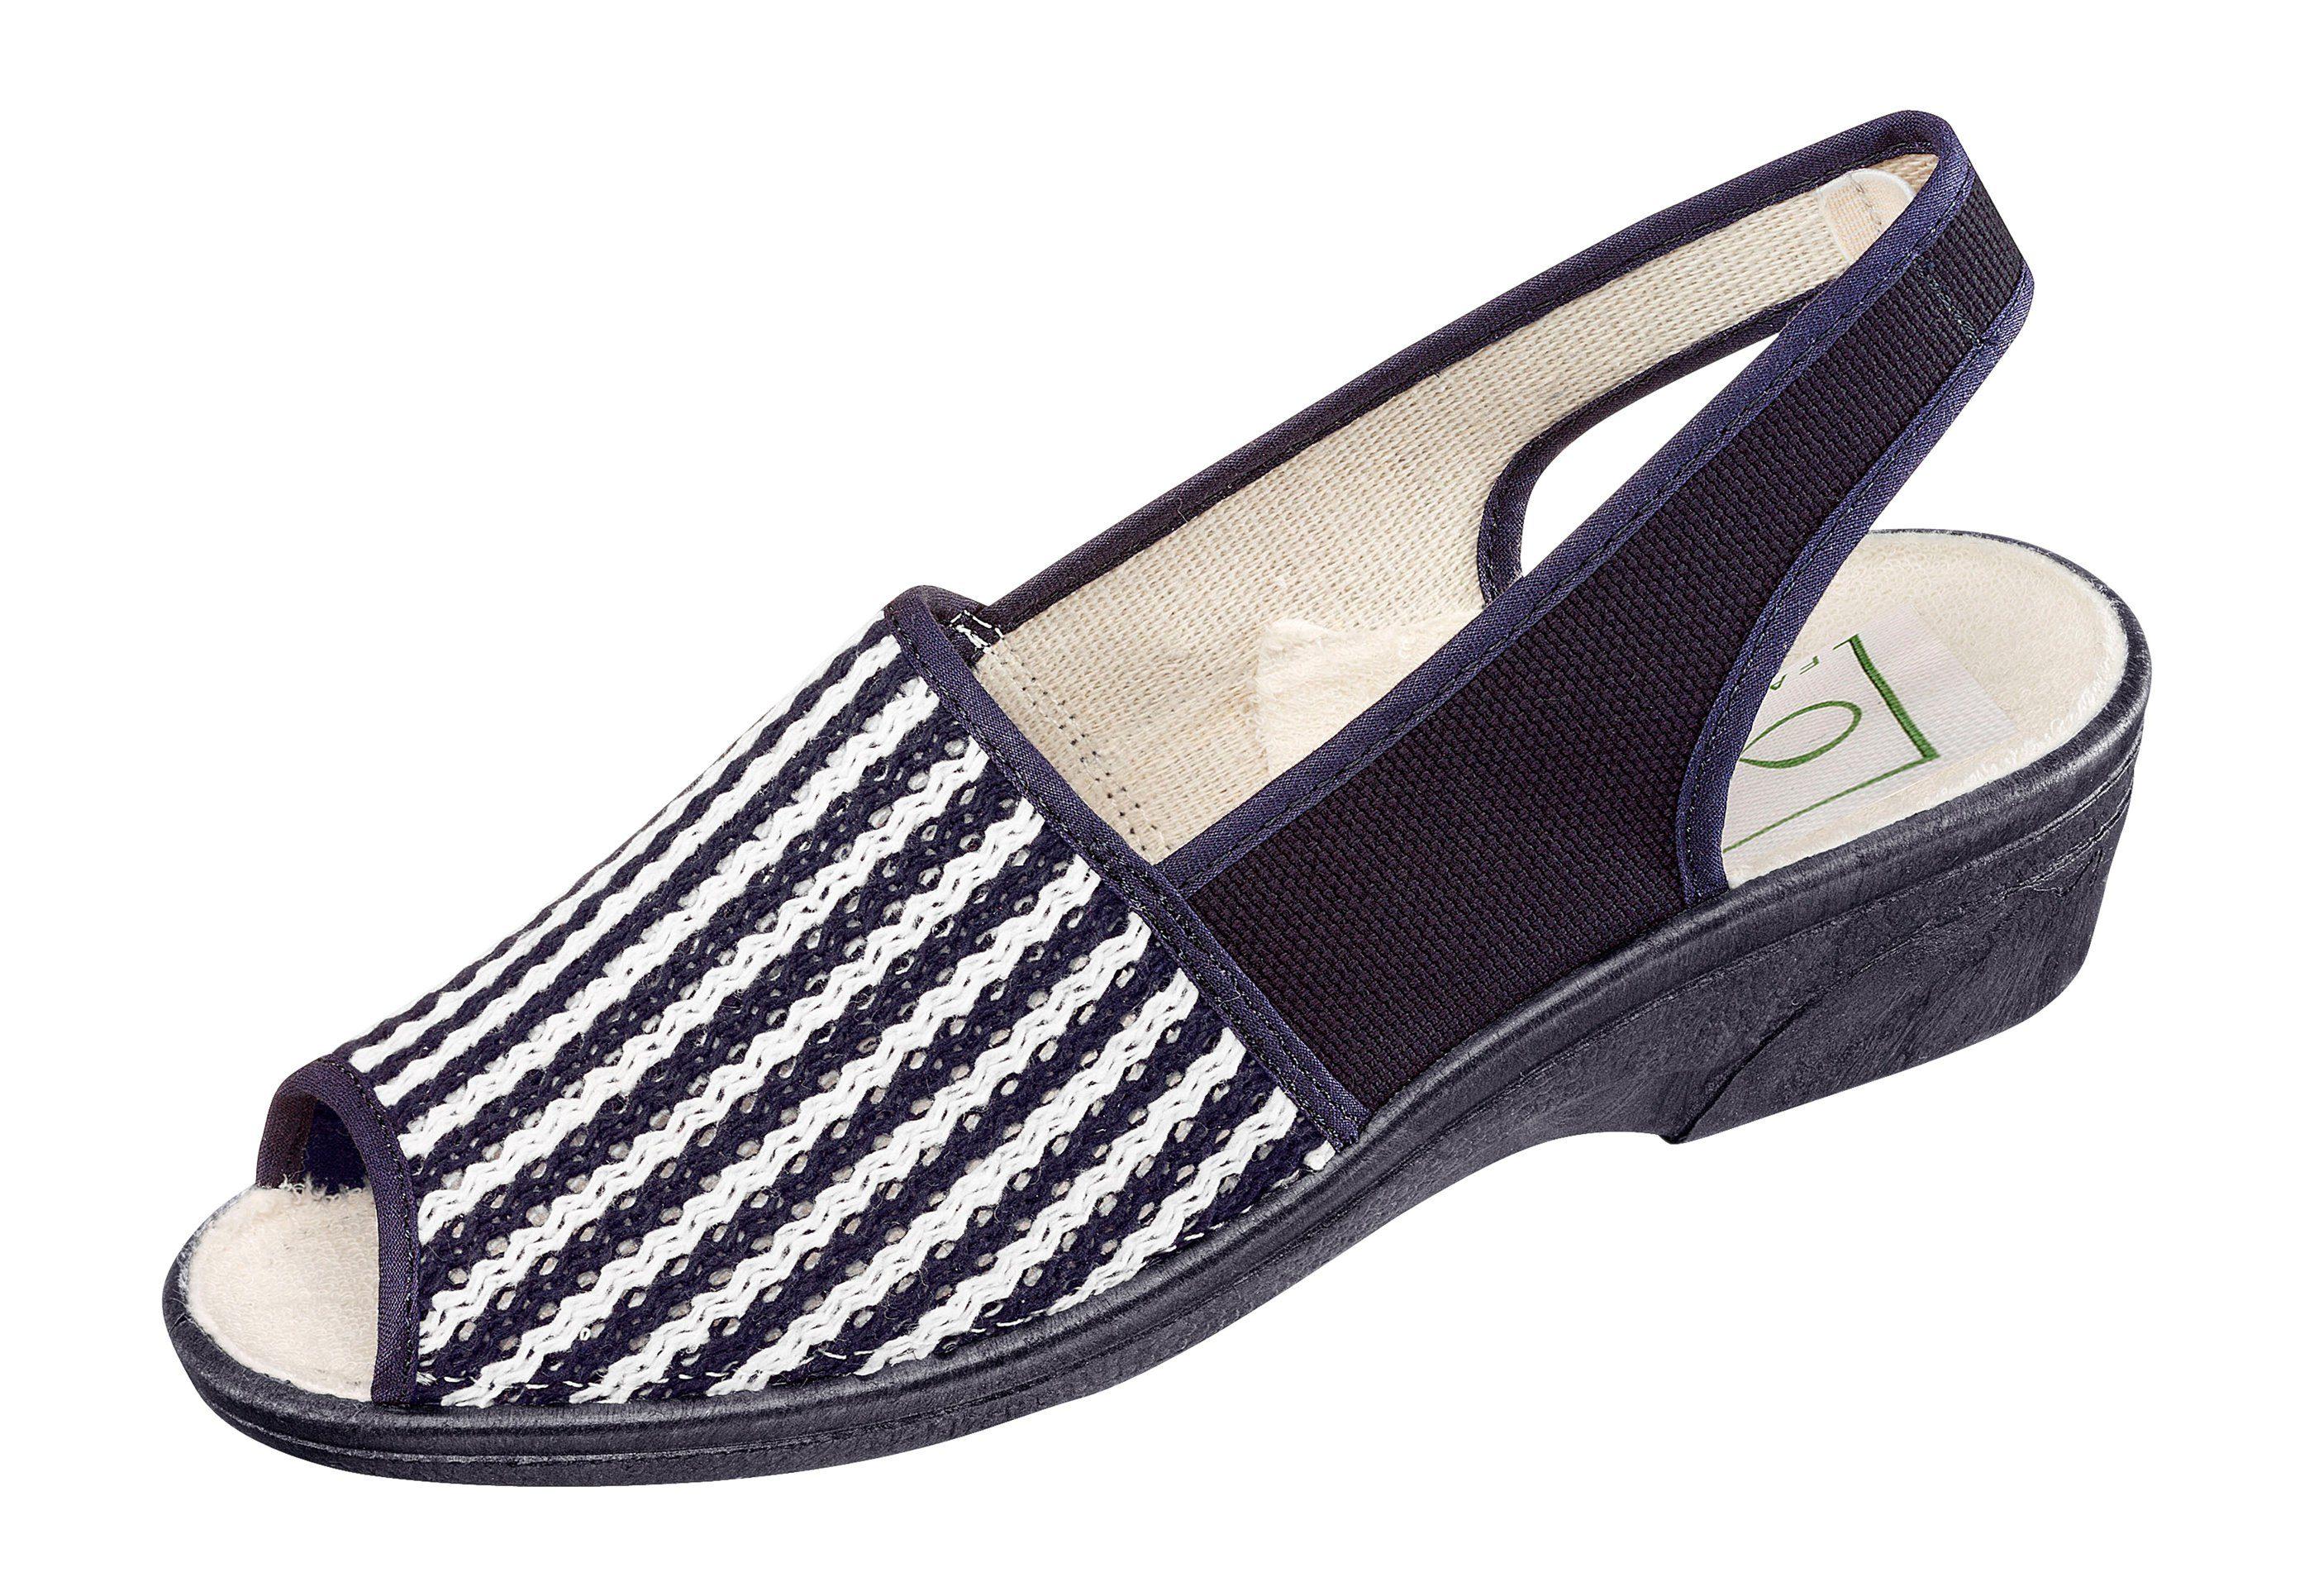 Classic Sandalette mit flexibler Synthetik-Laufsohle